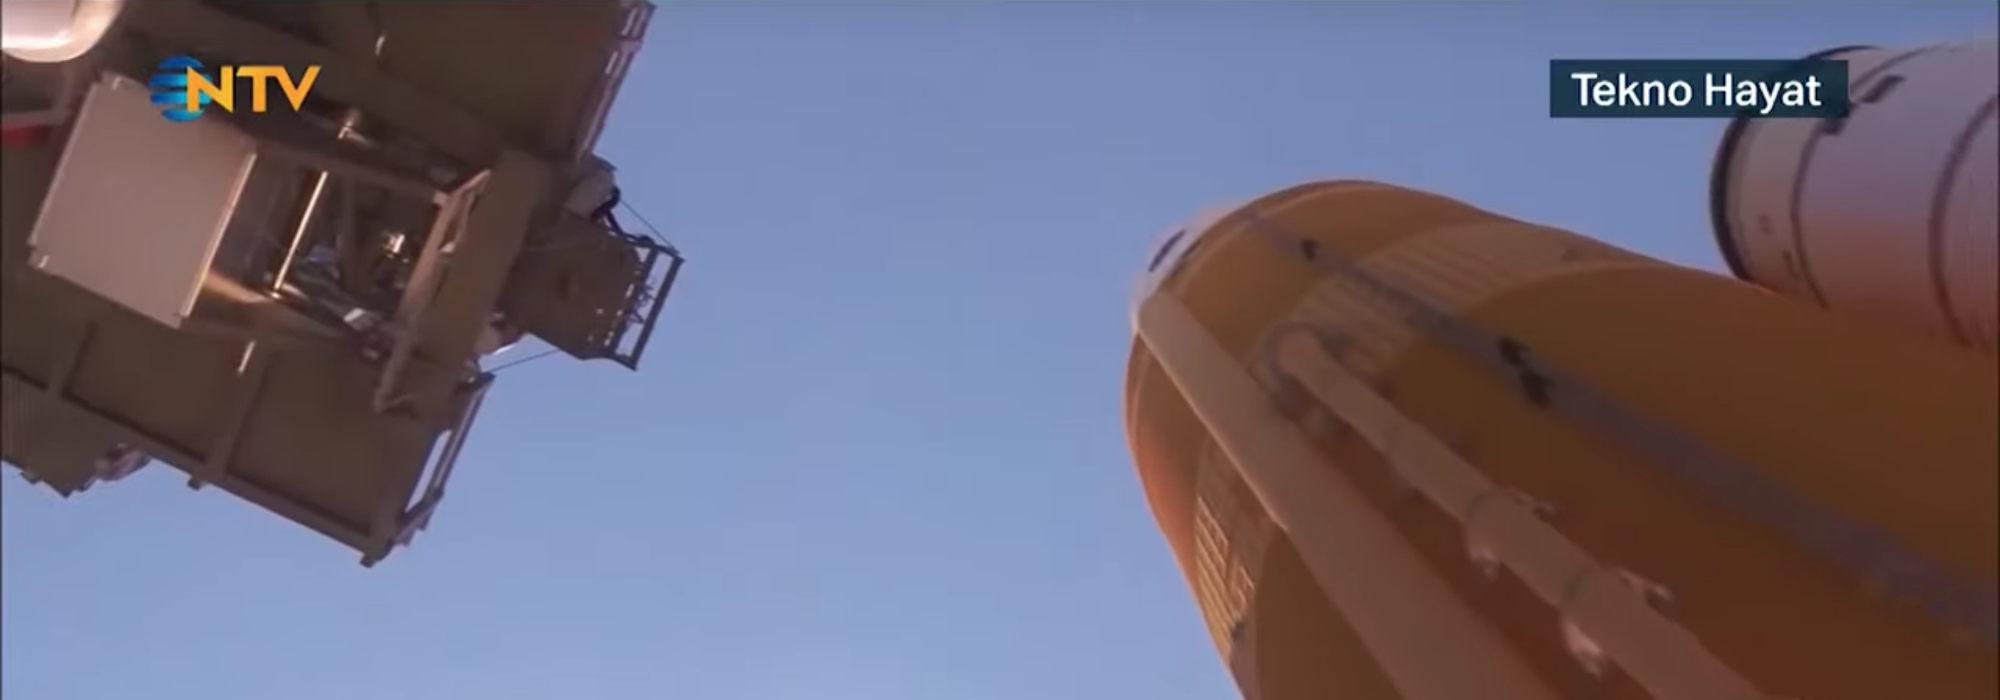 NTV | Mars'a yolculuk… (Gidenler 2 yıl Mars'ta kalmak zorunda)